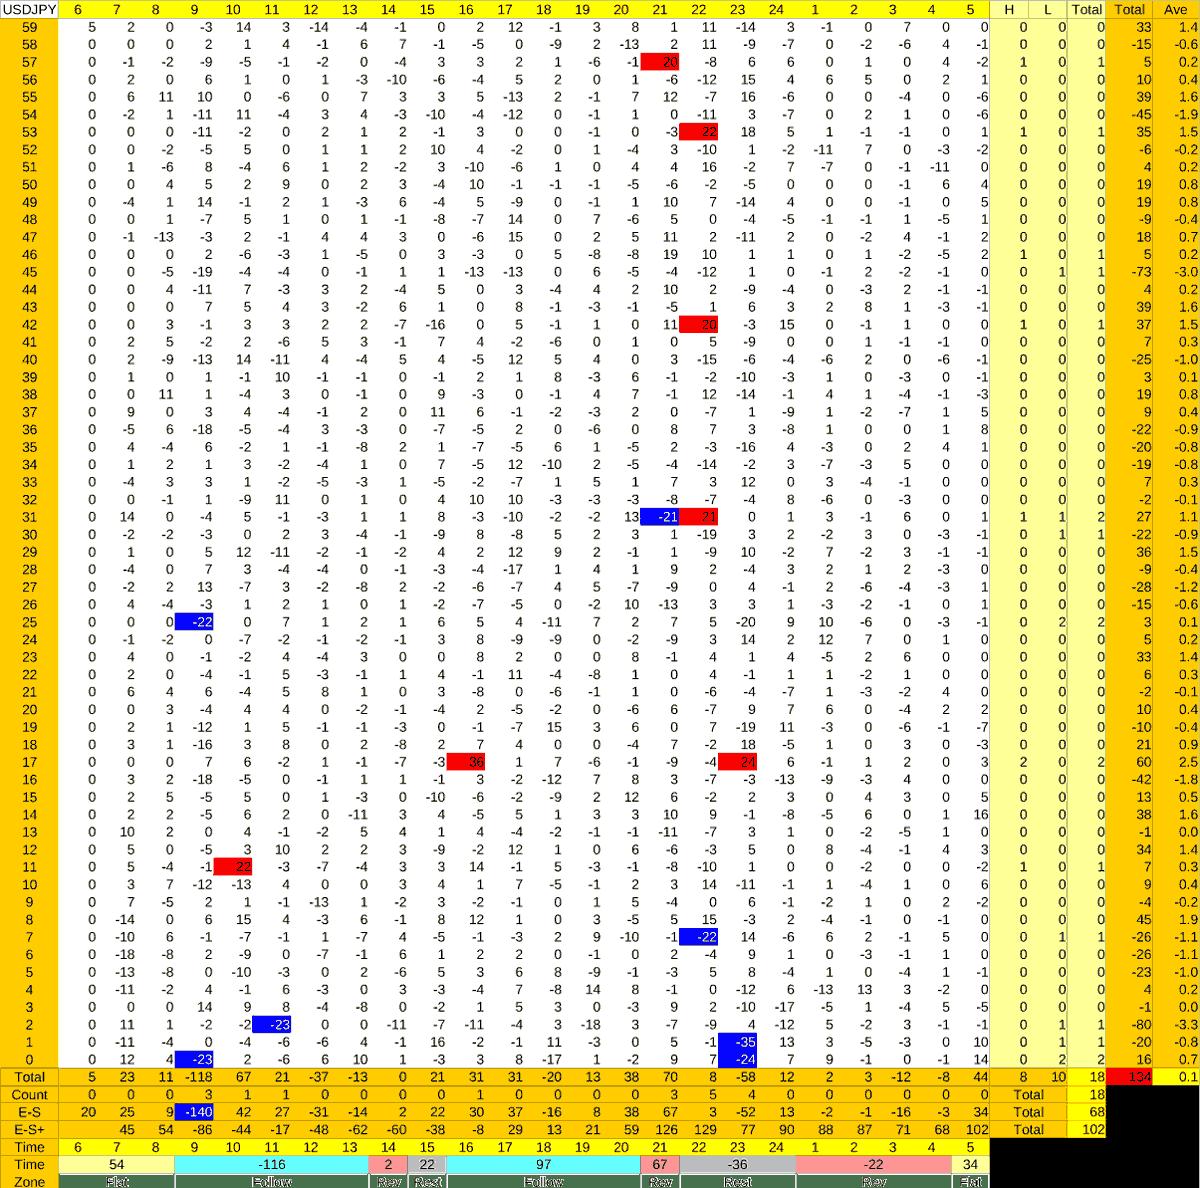 20210830_HS(1)USDJPY-min